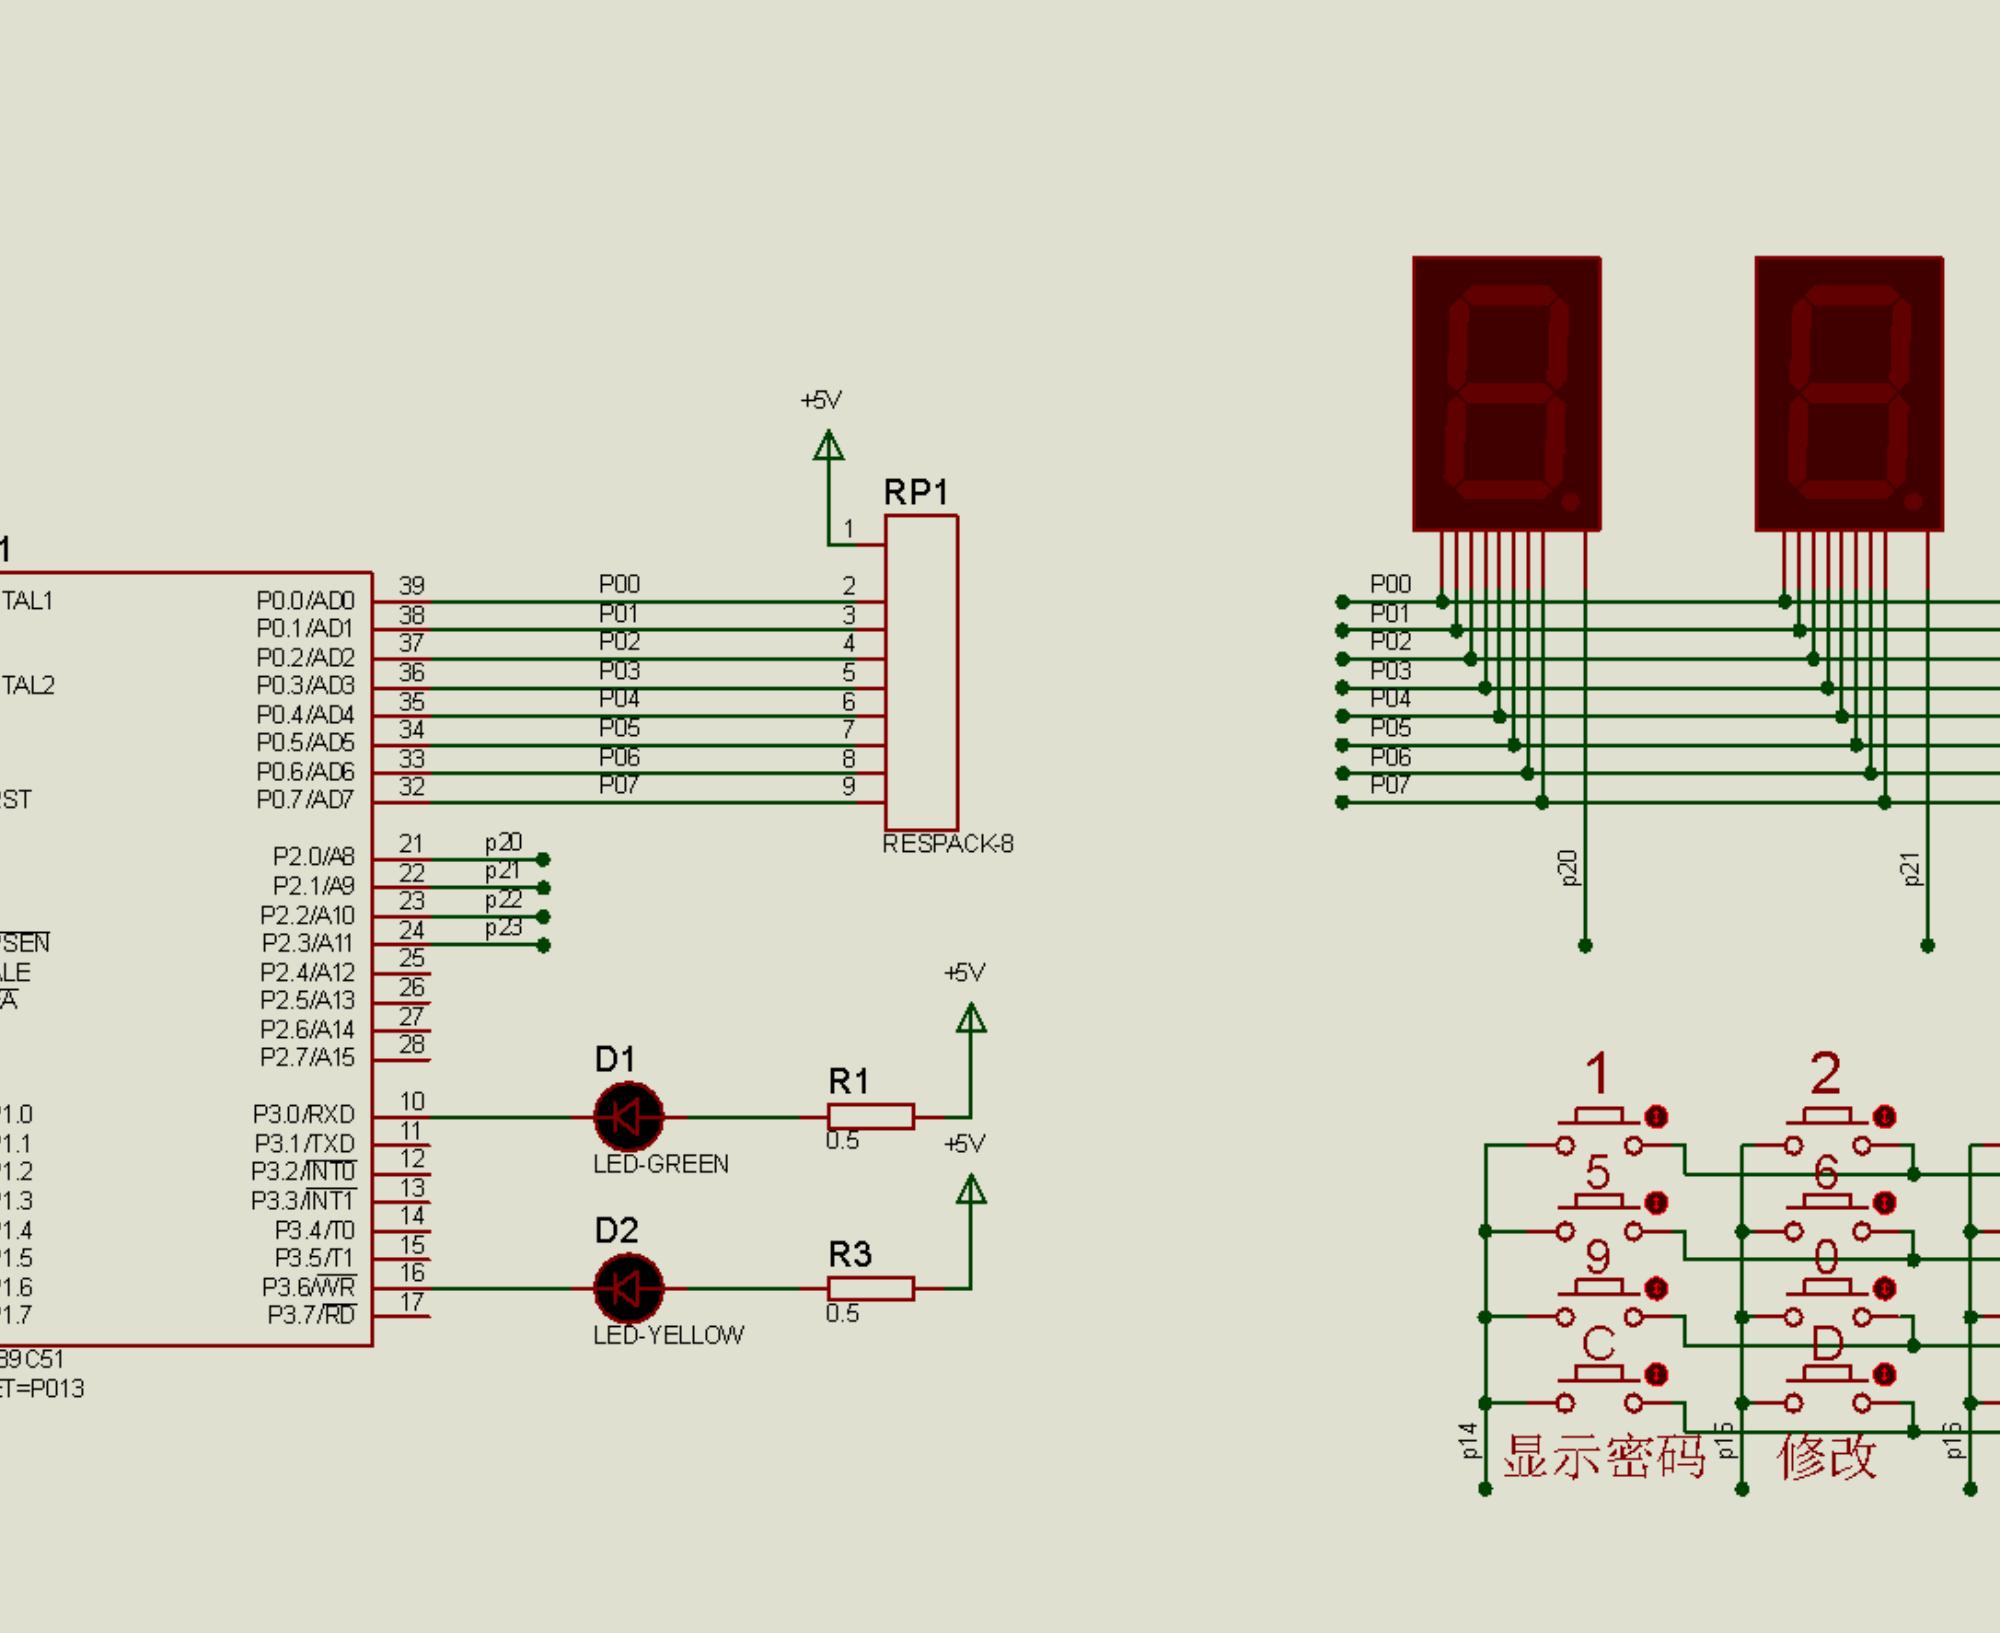 基于STC89C51简易密码锁制作